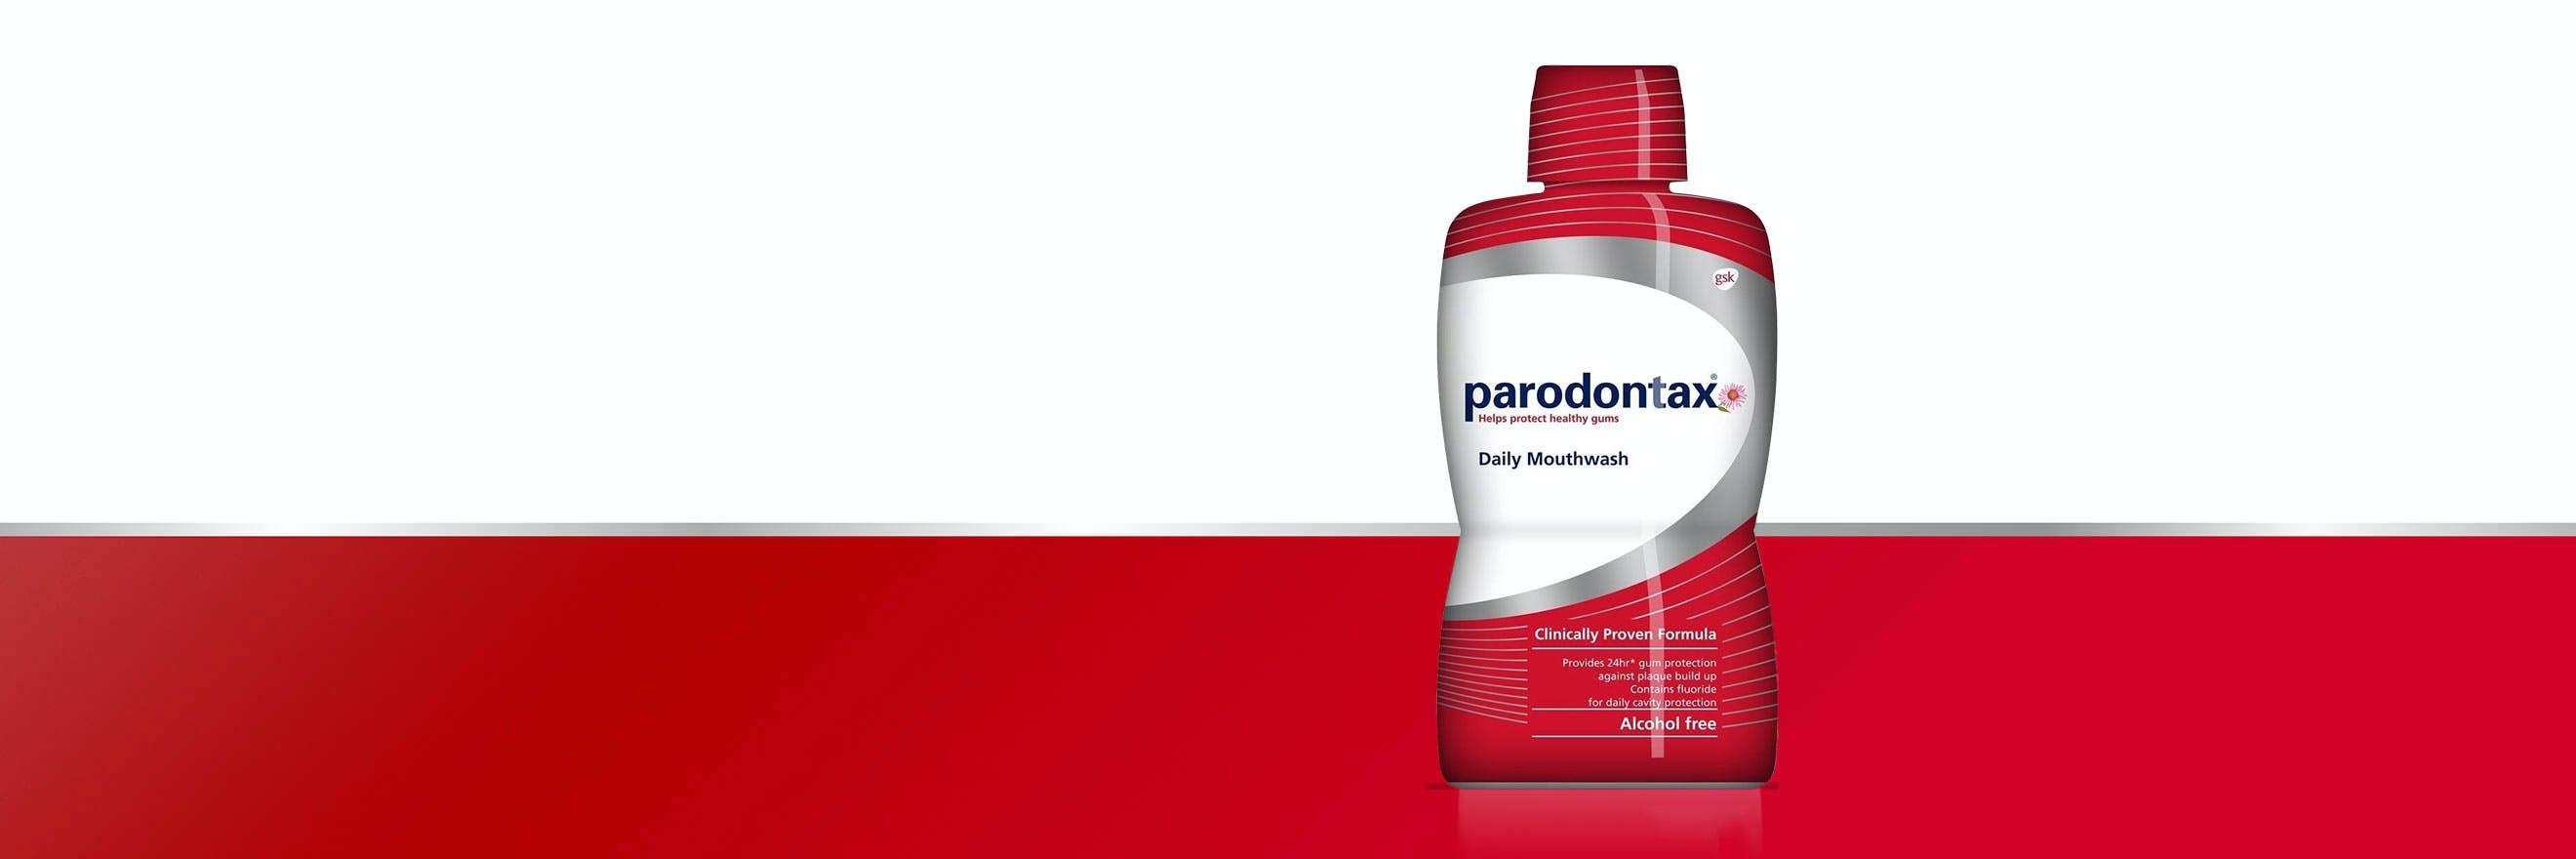 Ústní voda Parodontax ke každodennímu použití